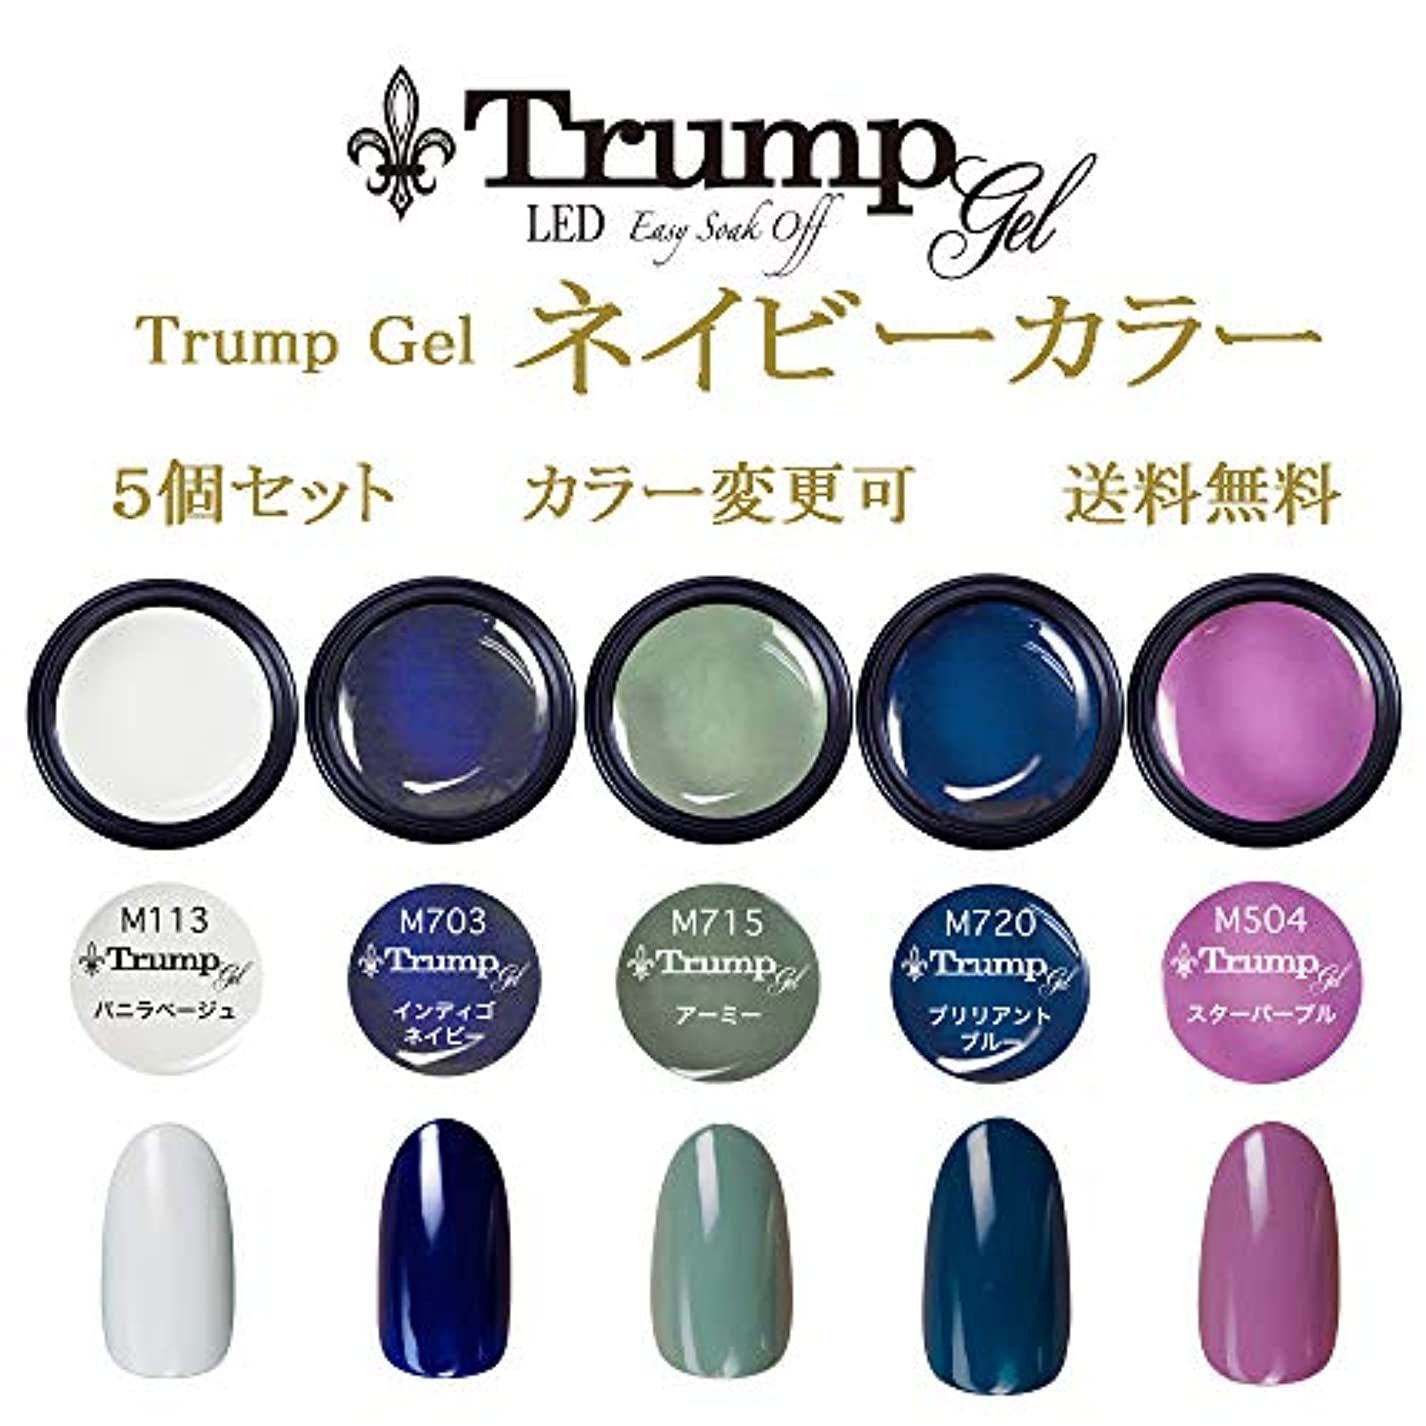 予防接種する私たち新鮮な日本製 Trump gel トランプジェル ネイビーカラー 選べる カラージェル 5個セット ホワイト ブルー ネイビー パープル カーキ グリーン